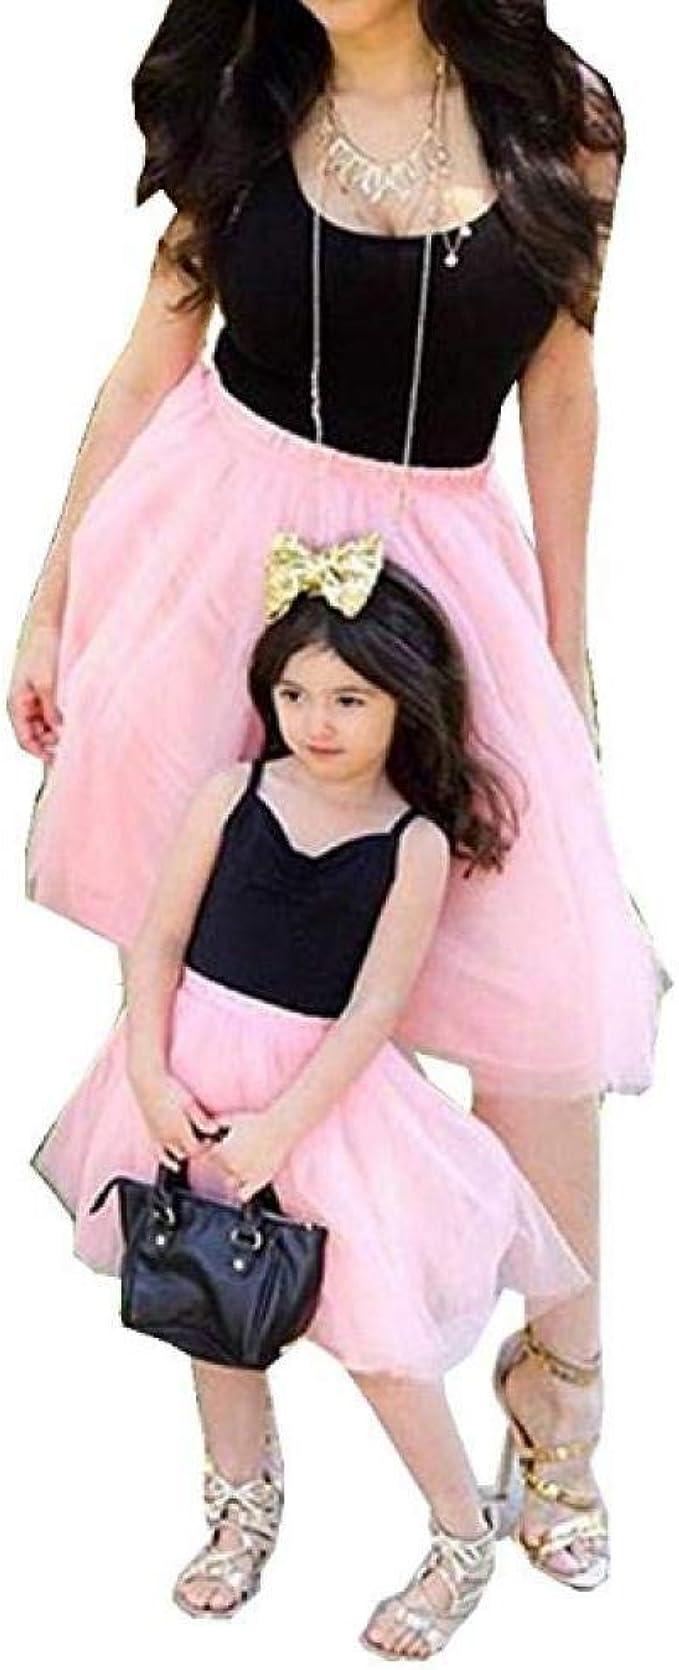 CHRONSTYLE Mutter und Tochter Kleider Set, Baby Kleidung Partnerlook Mutter  Tochter Familien Kleidung Mama und Kinder Mädchen Kleid Sommerkleid Tops